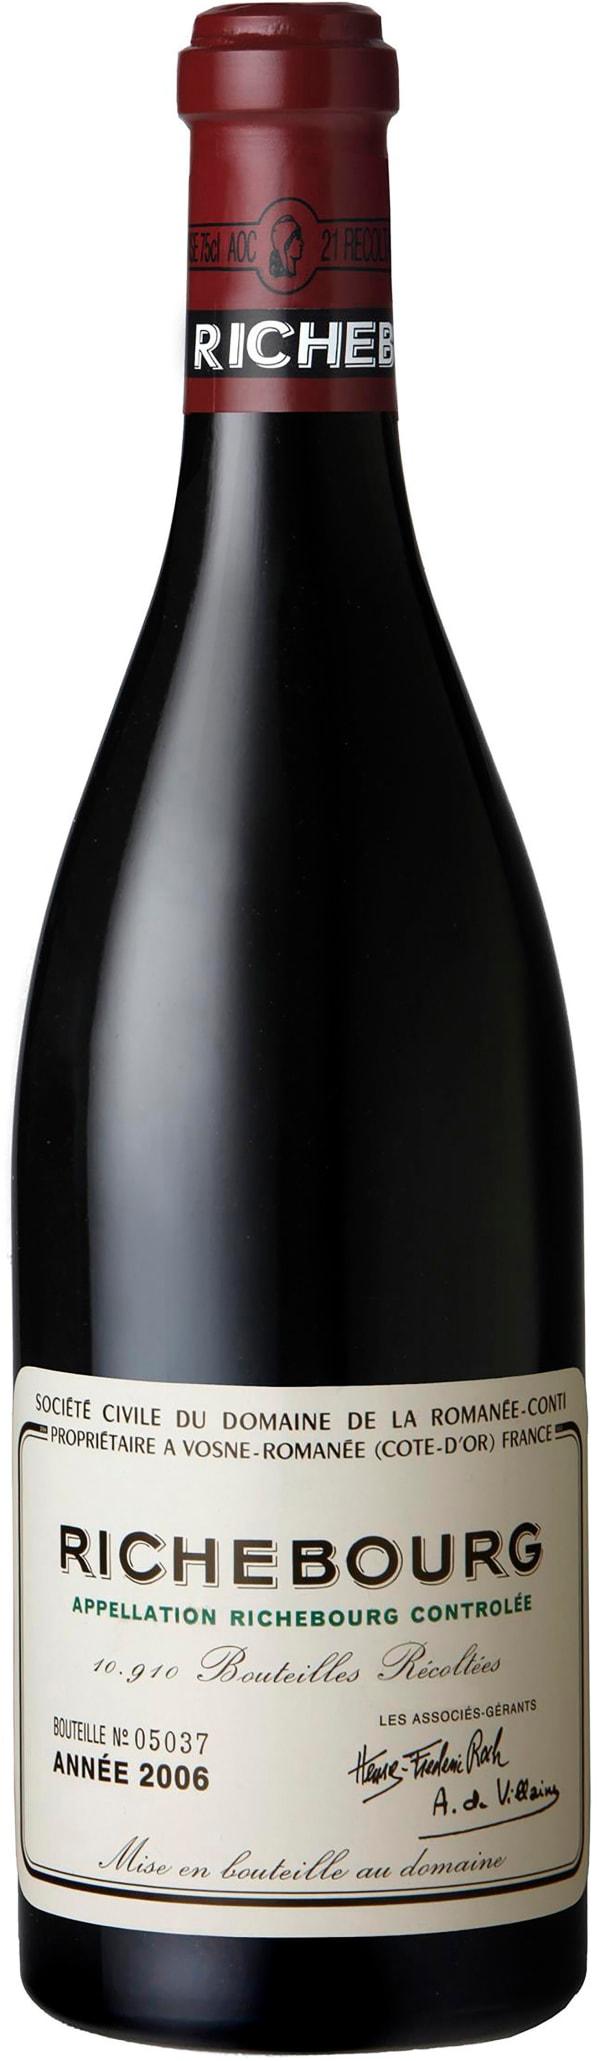 Richebourg (1plo/asiakas, 1fl/kund, 1btl/customer) 2015